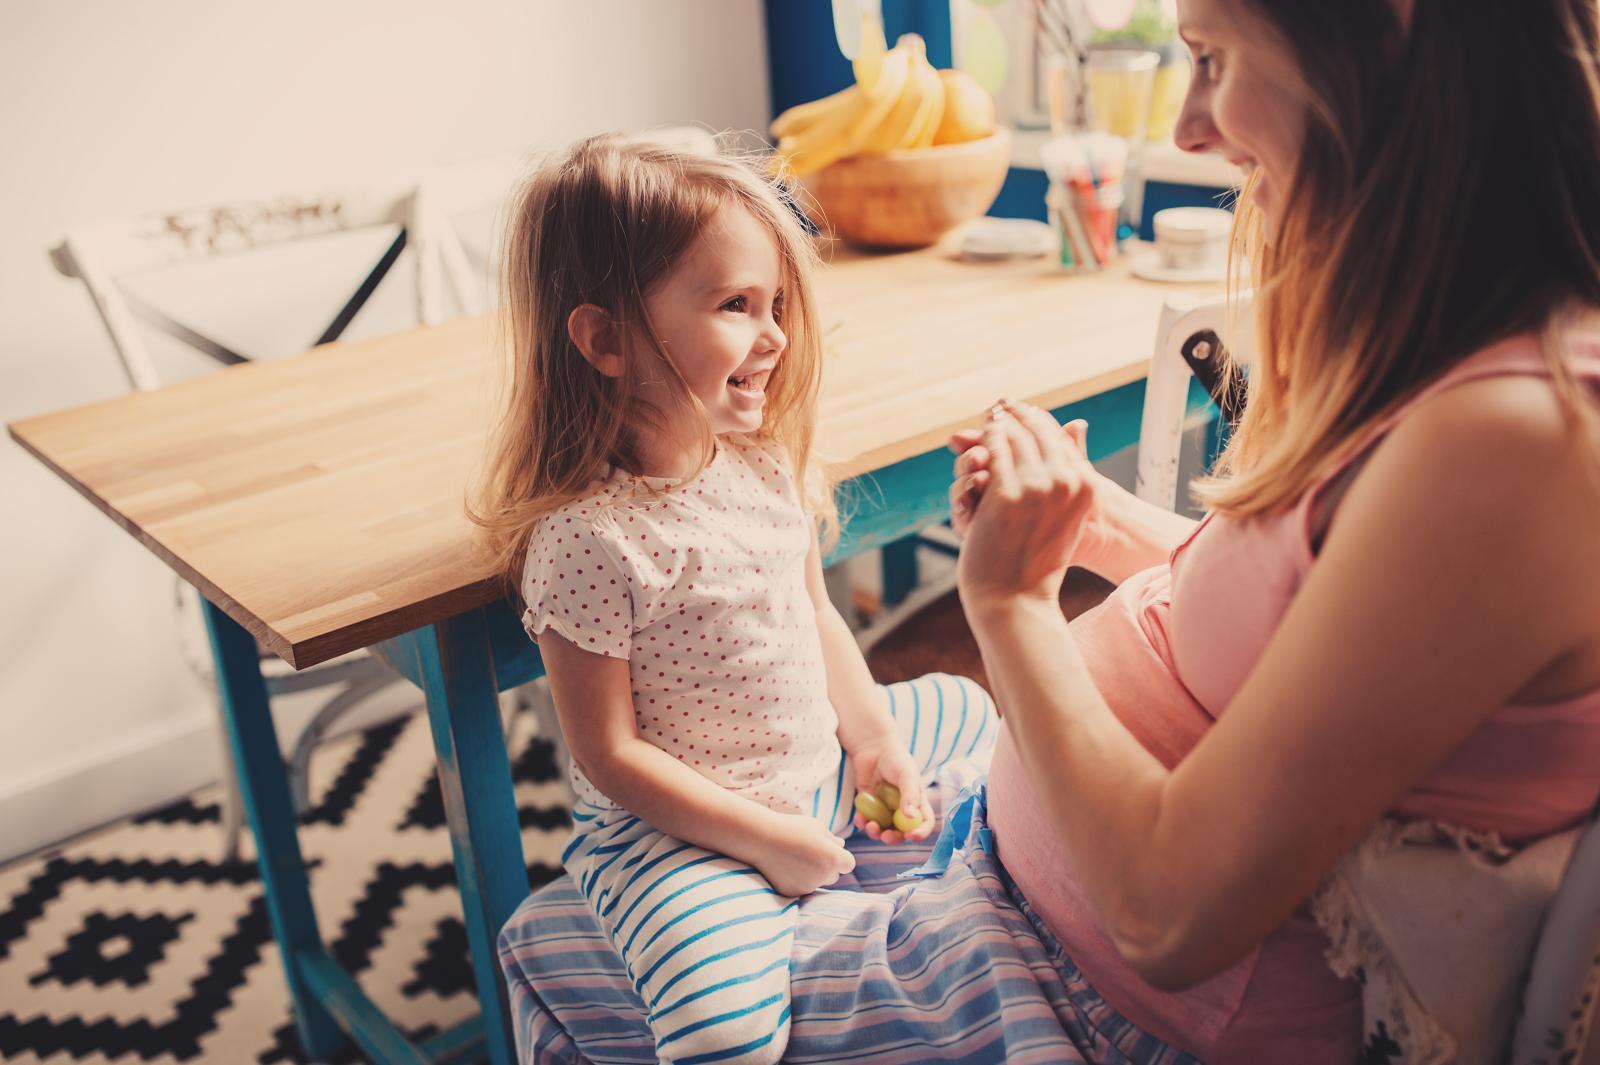 Uvijek imajte na umu da dijete uči od vas i ako i sami imate zdrave navike i zdrav stil života, neće biti nimalo teško tome naučiti i dijete.